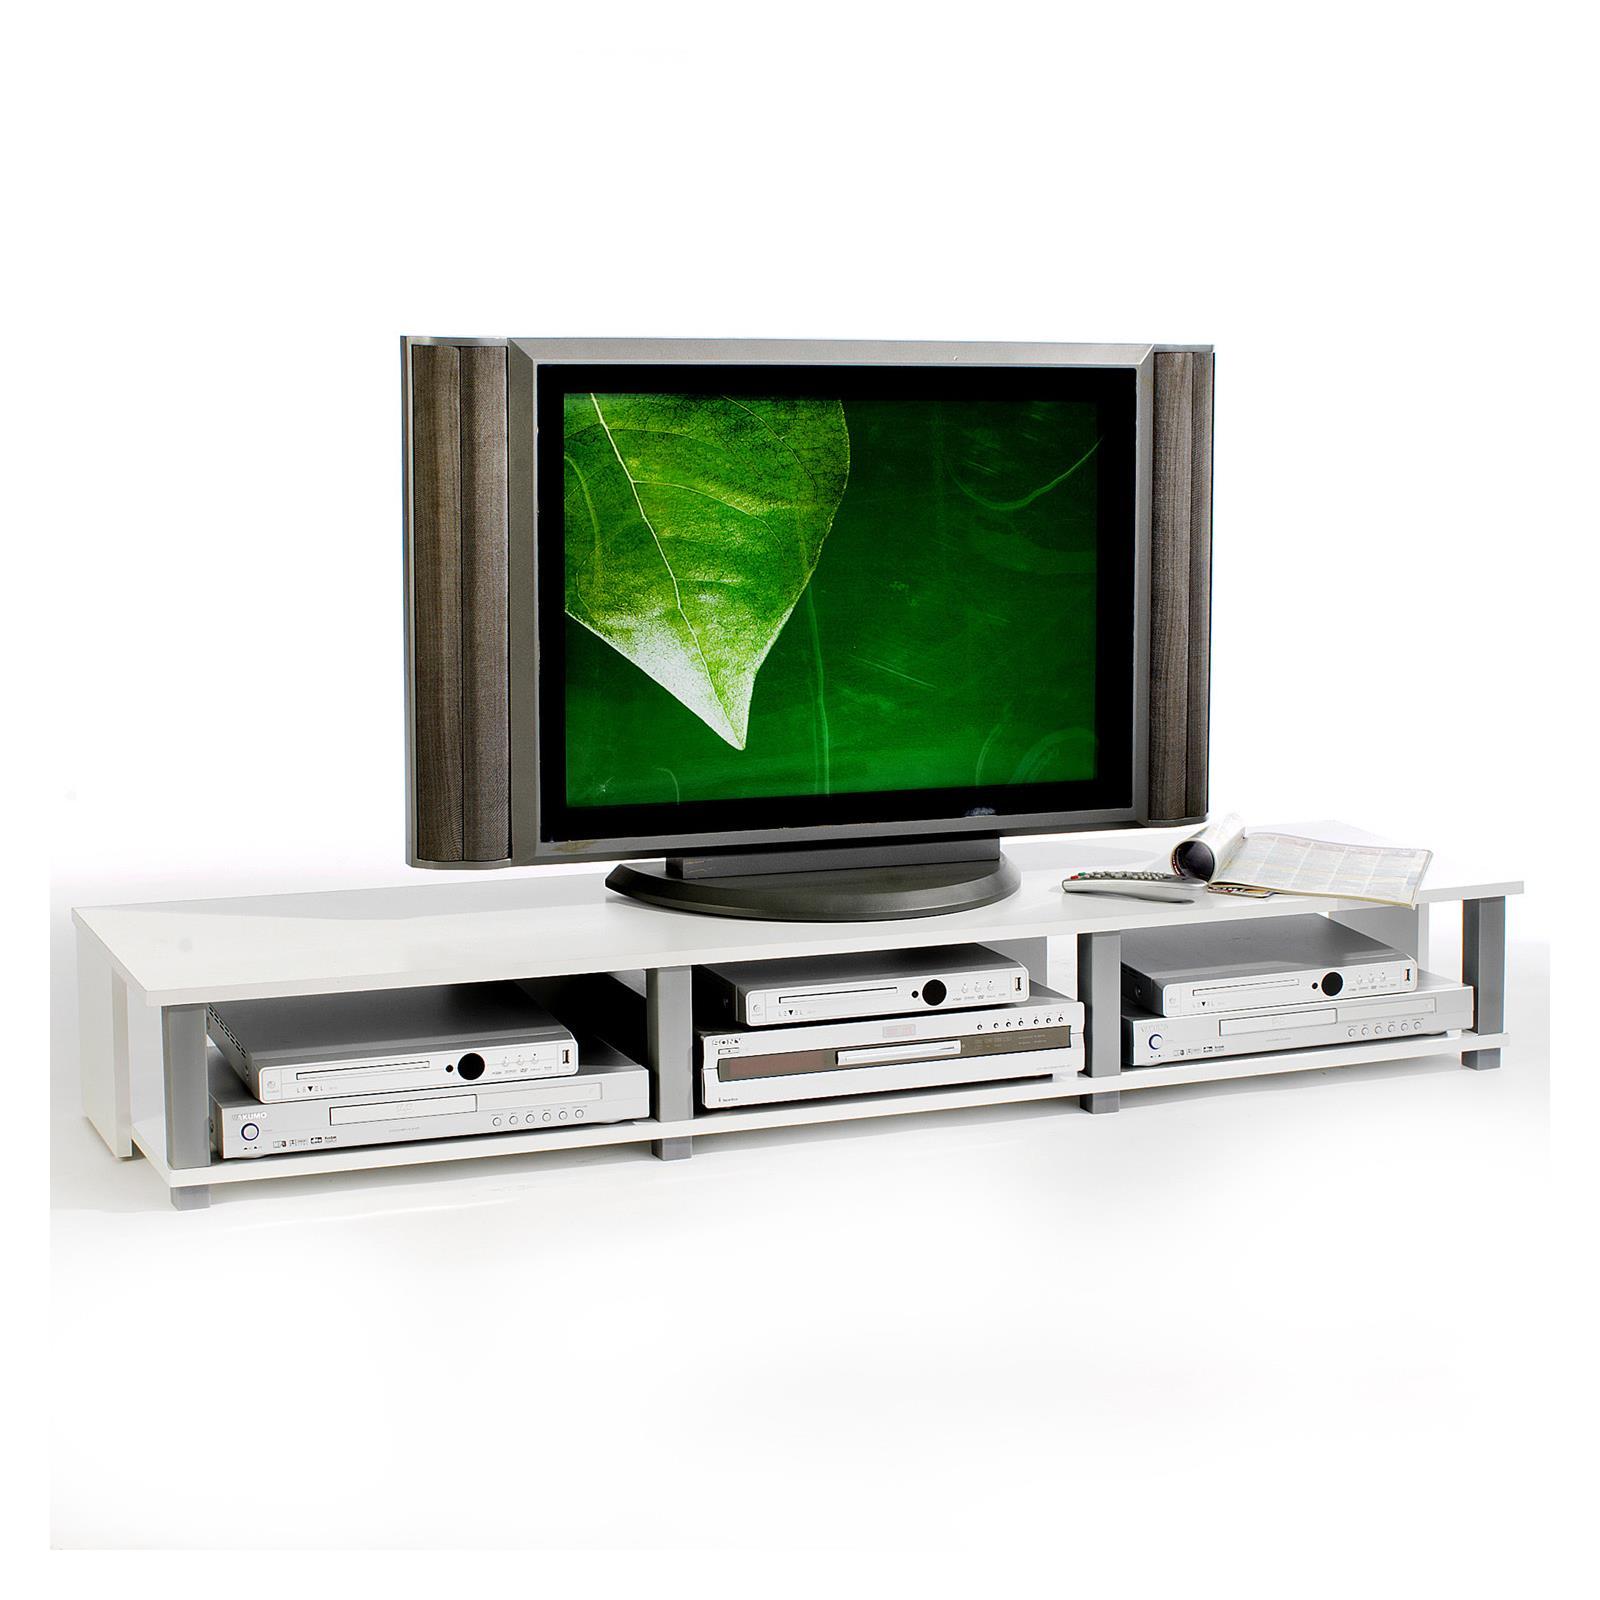 Ansprechend Tv Tisch Sammlung Von Tv-moebel-lowboard-fernsehtisch-tv-tisch-tv-element-